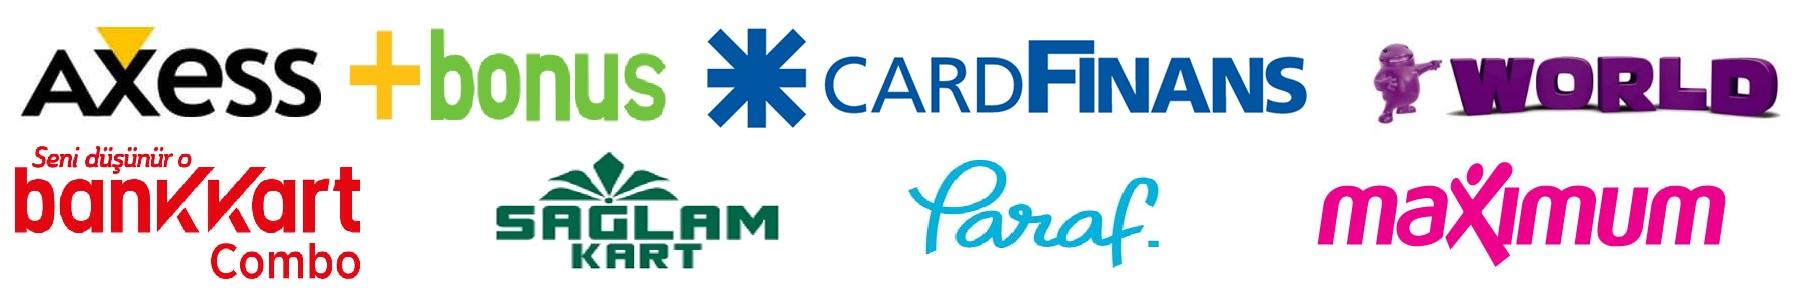 Anlaşmalı kartlara 12 ye kadar taksit seçenekleri sunulmaktadır. Taksit seçenekleri sanal mağazamız içindir.